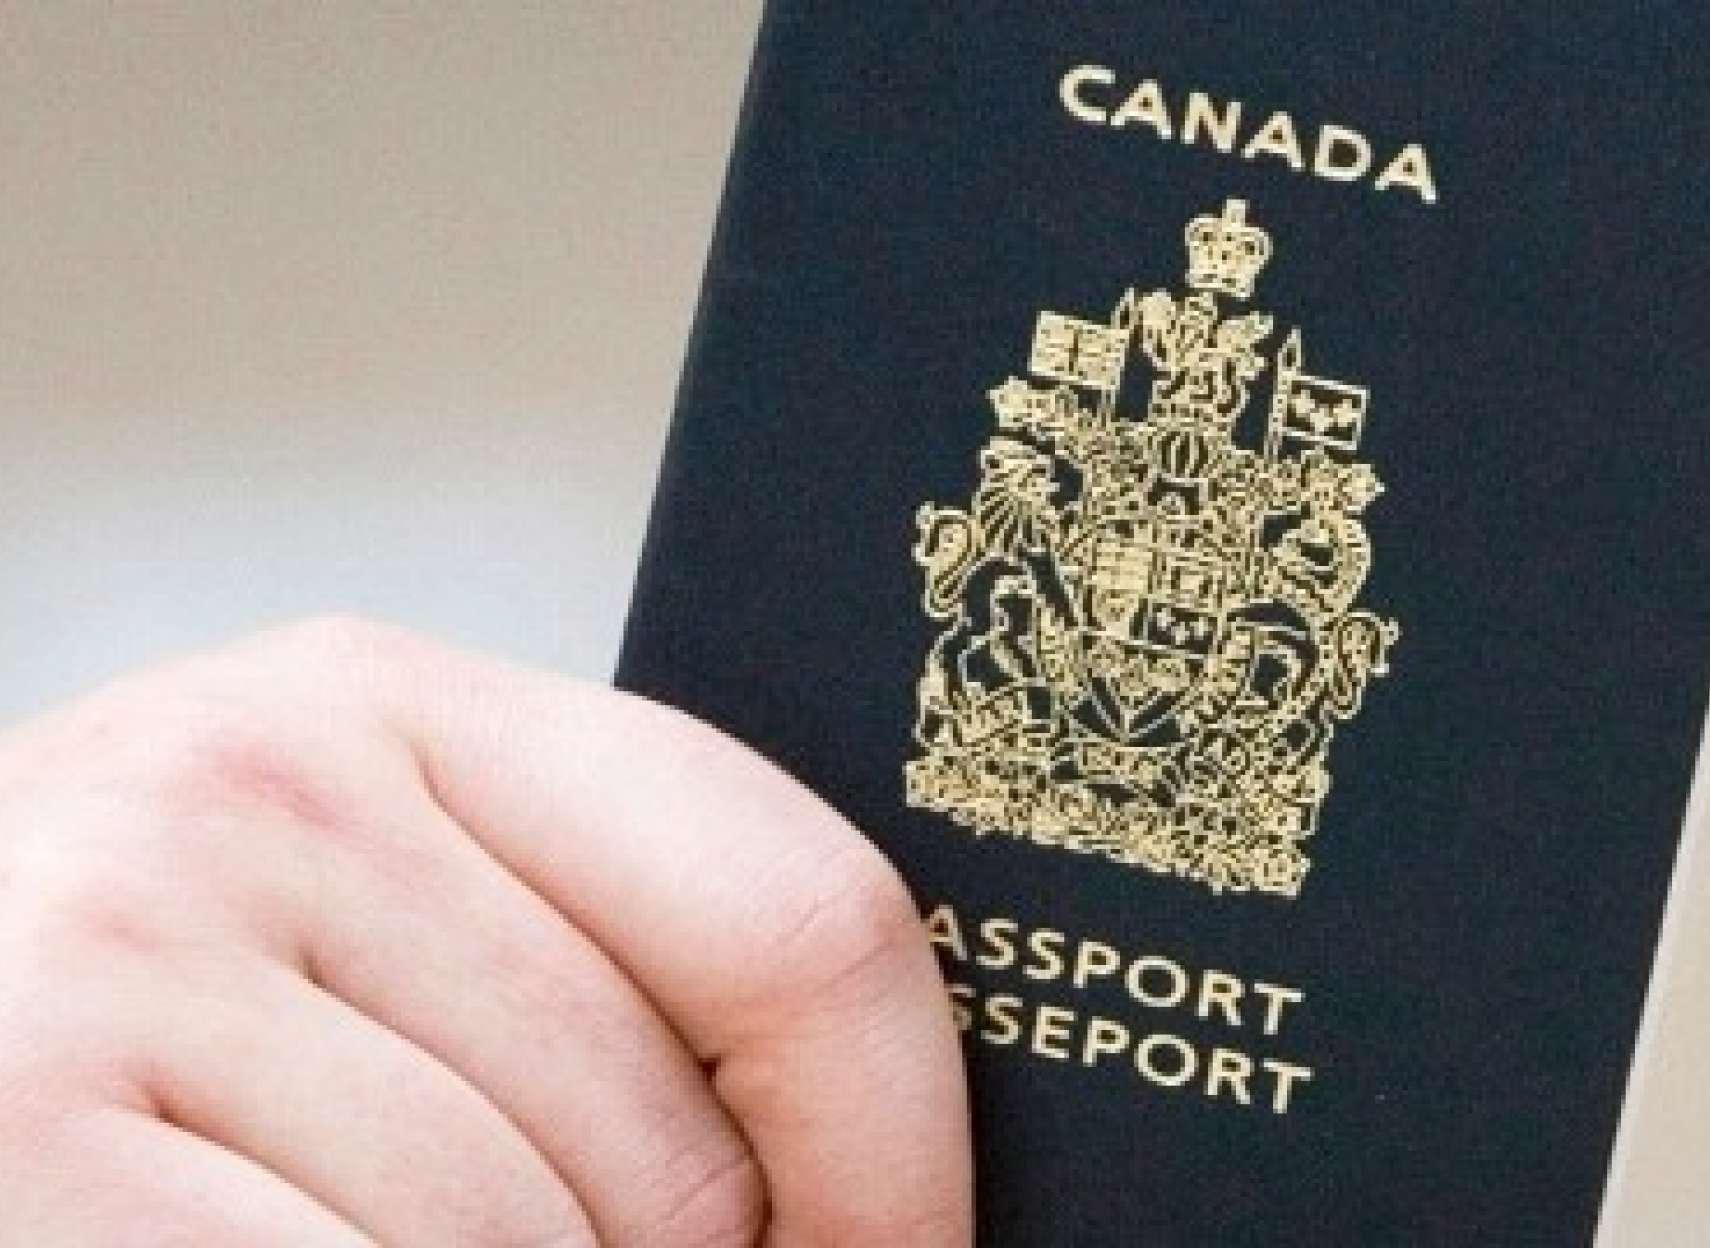 انتصاب-یا-انتخاب-مدیران-با-تابعیت-کانادا-یی-در-جمهوری-اسلامی-ممنوع-می-شود